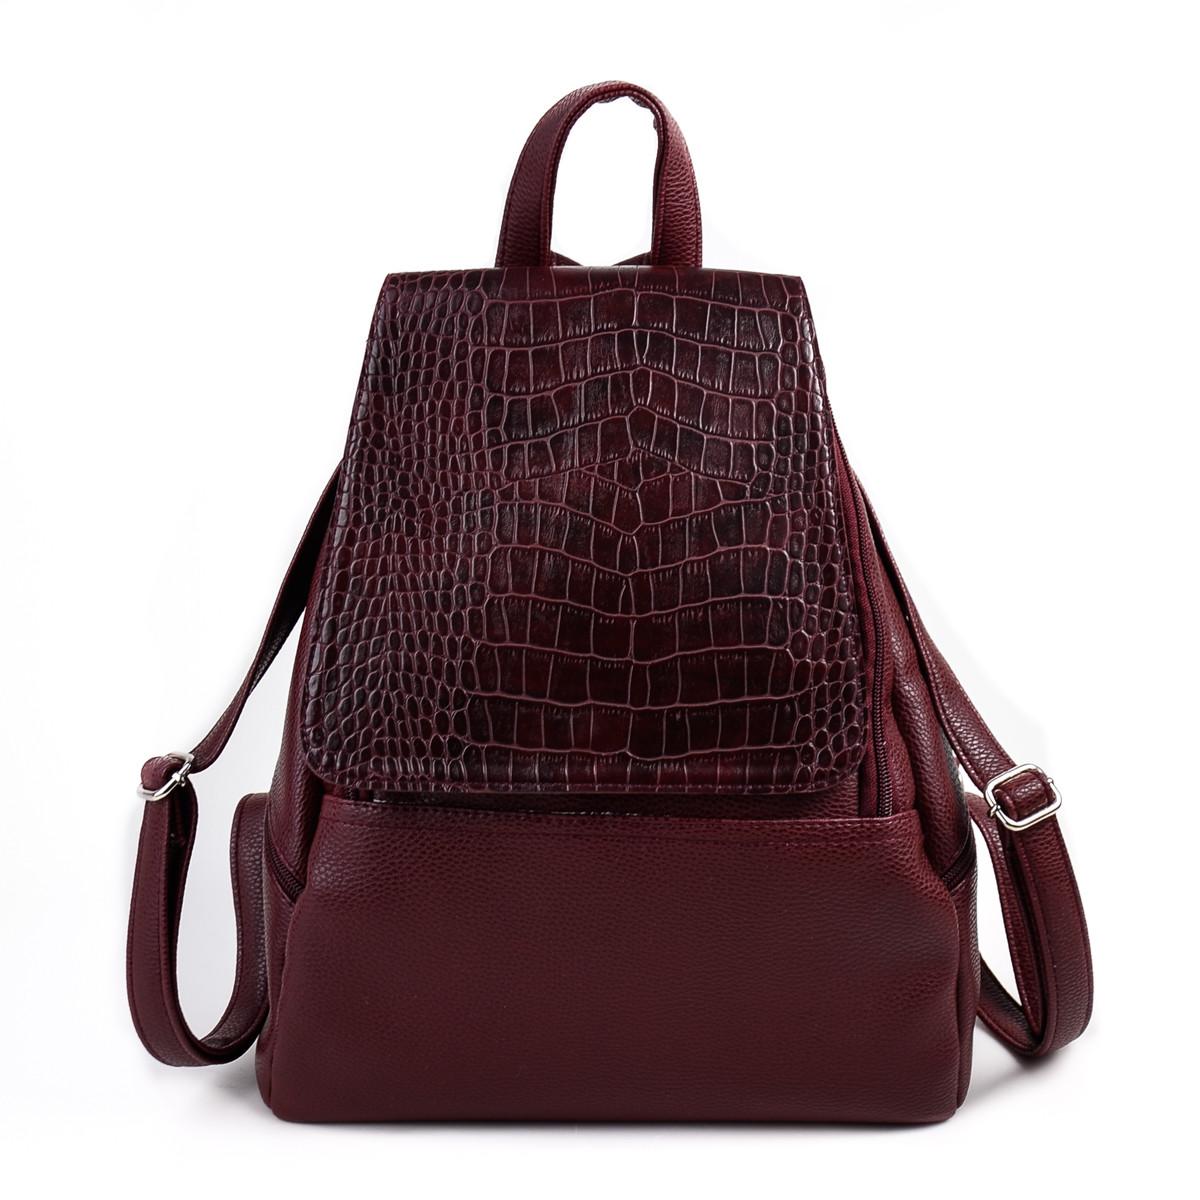 Женский городской рюкзак М104-38 37, цена 425 грн., купить в Луцке ... 60c2bb7b7c8